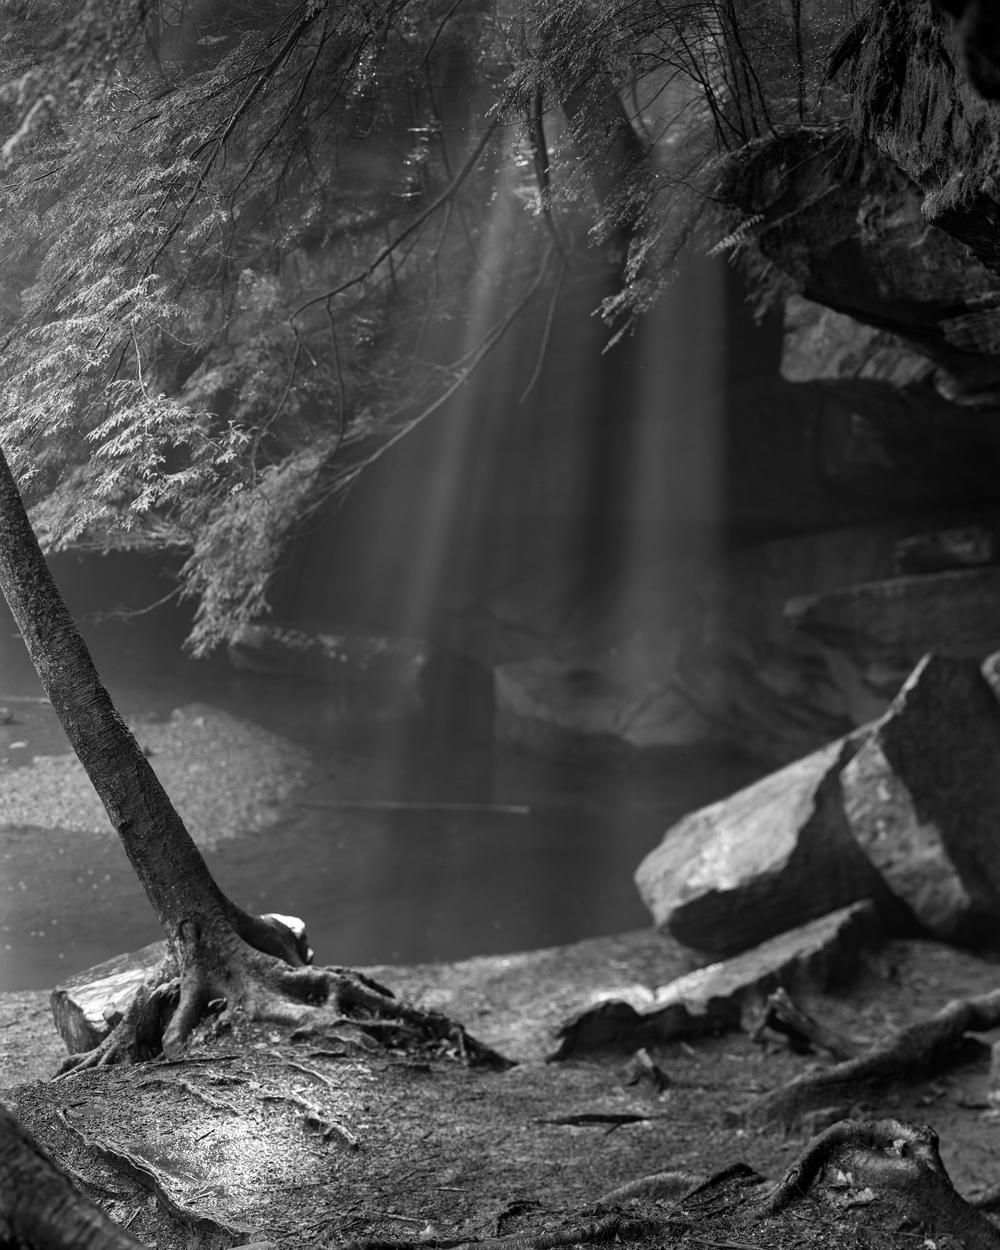 Streaming Light, Cedar Falls